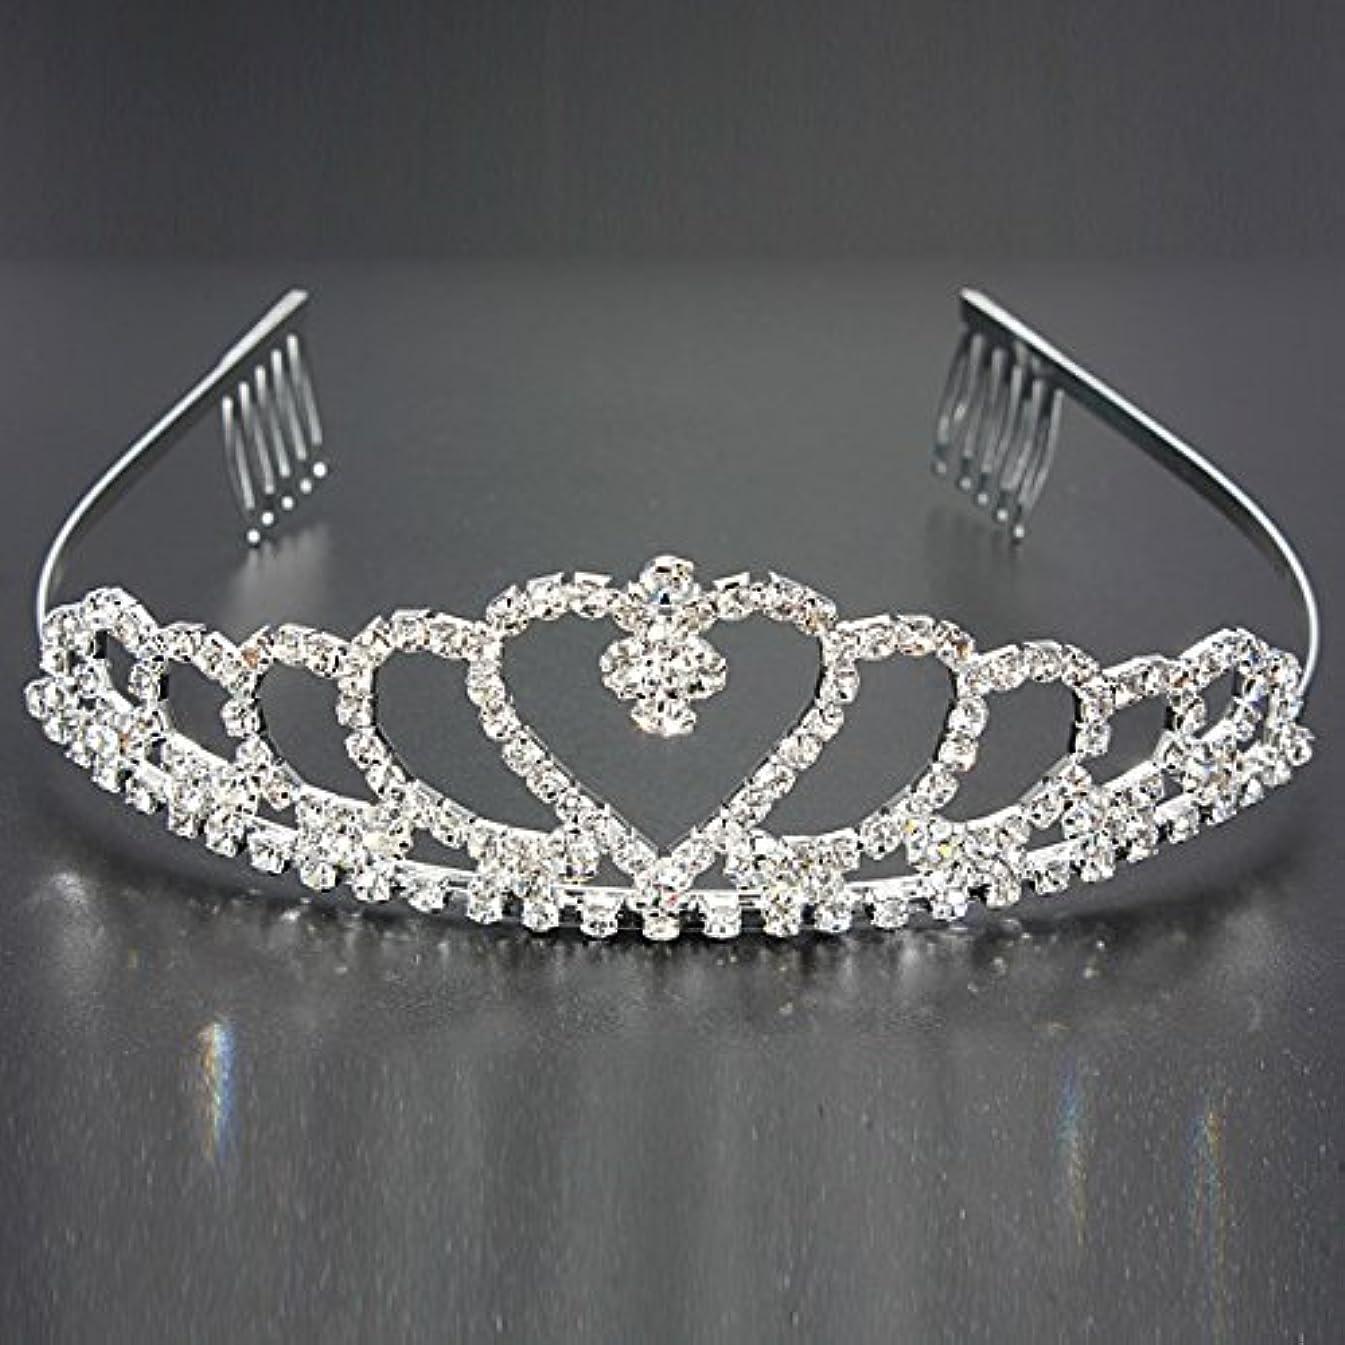 正しく破壊ステープルYZUEYT 結婚式の花嫁のクリスタルのラインストーンハート型クラウンの髪ティアラ YZUEYT (Size : One size)